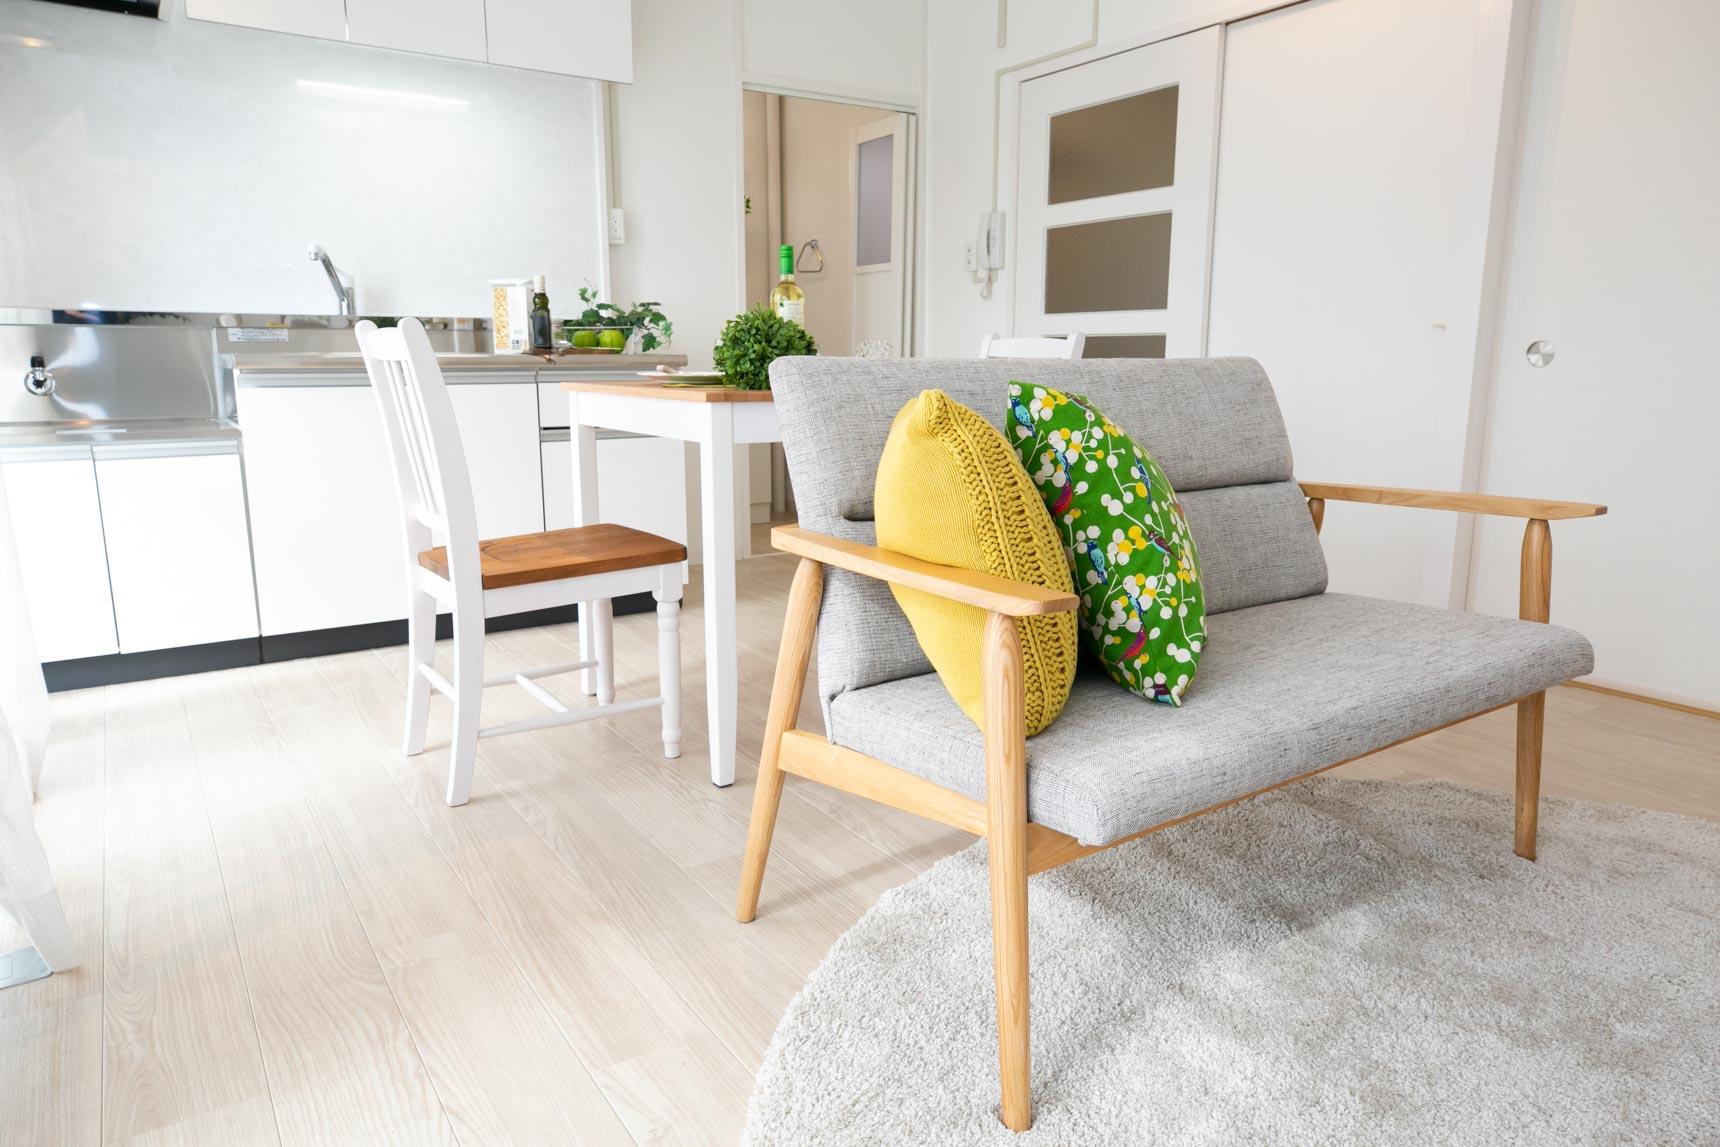 幅広のフロアタイルや建具などの内装は、白やグレーを基調に統一されていて、明るく、シンプル・ナチュラルなインテリアが似合いそうなお部屋です。